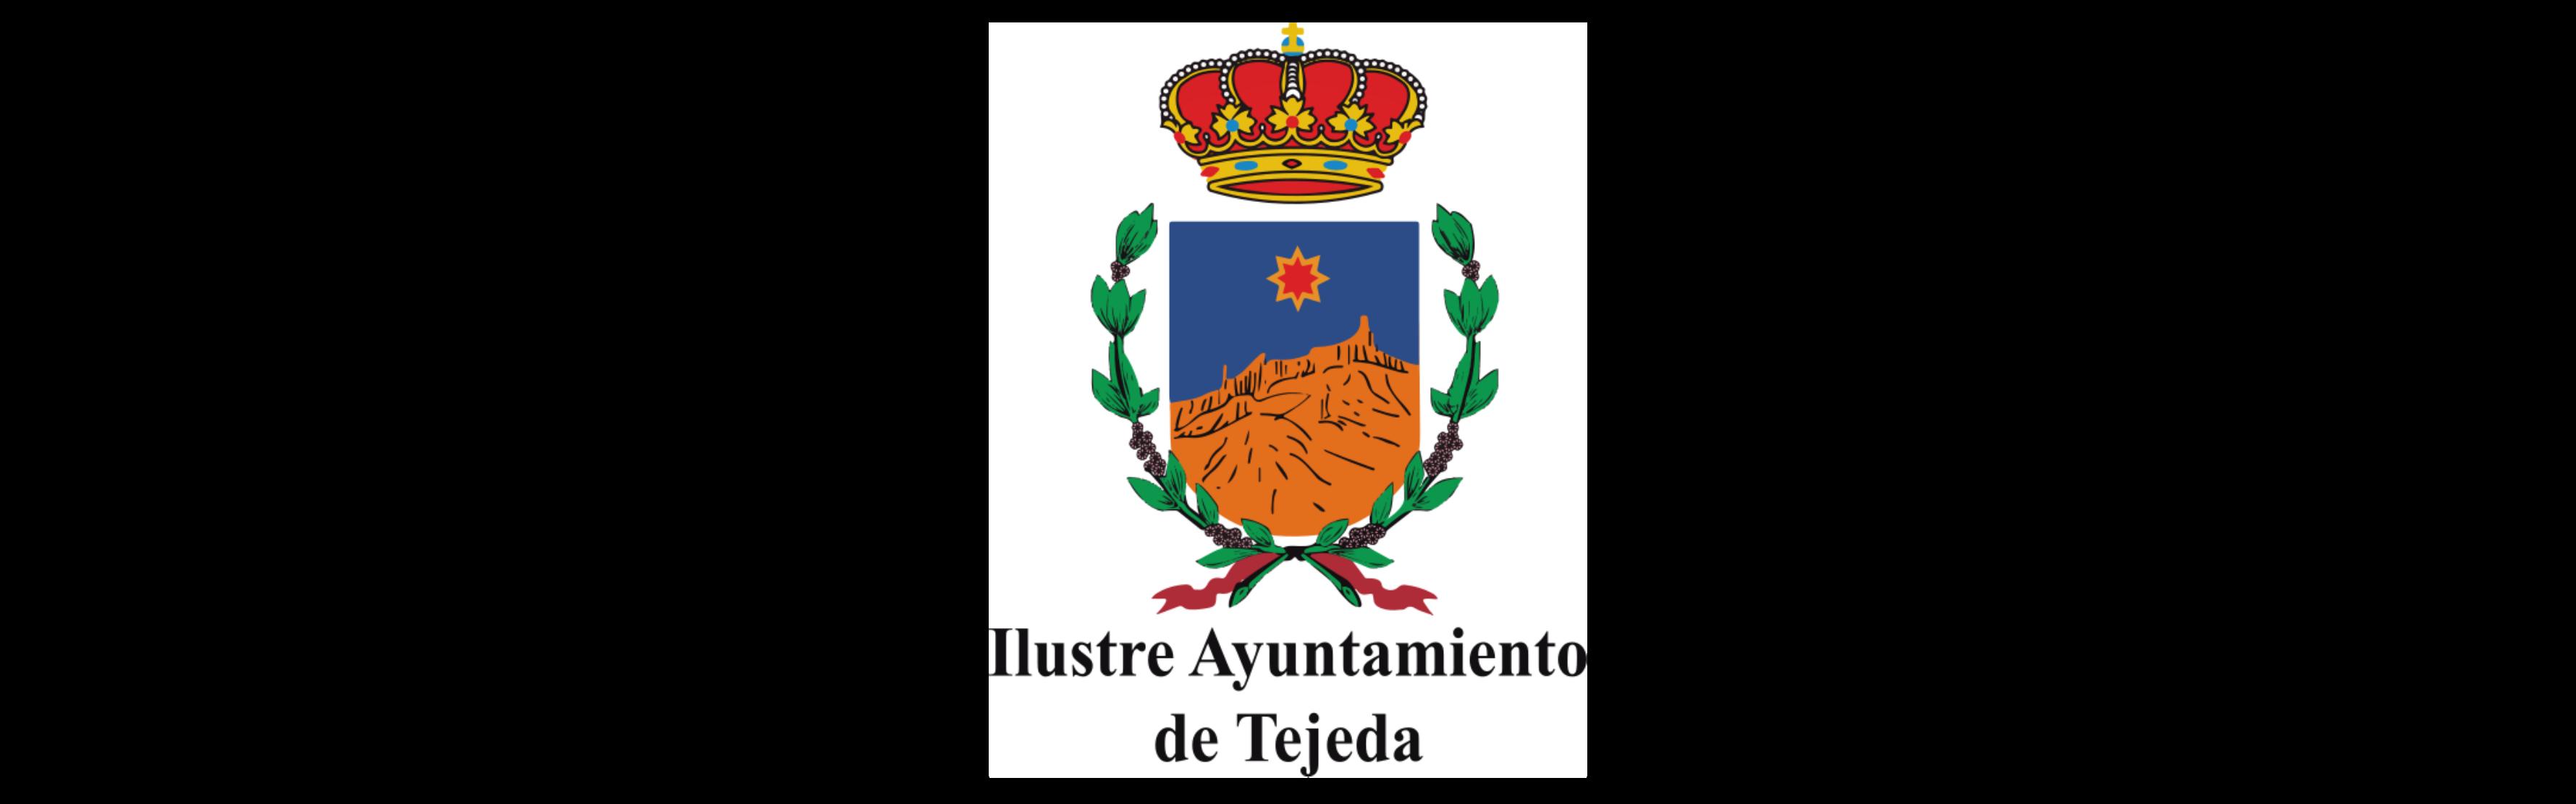 logo ayto Tejeda GCOM 2019